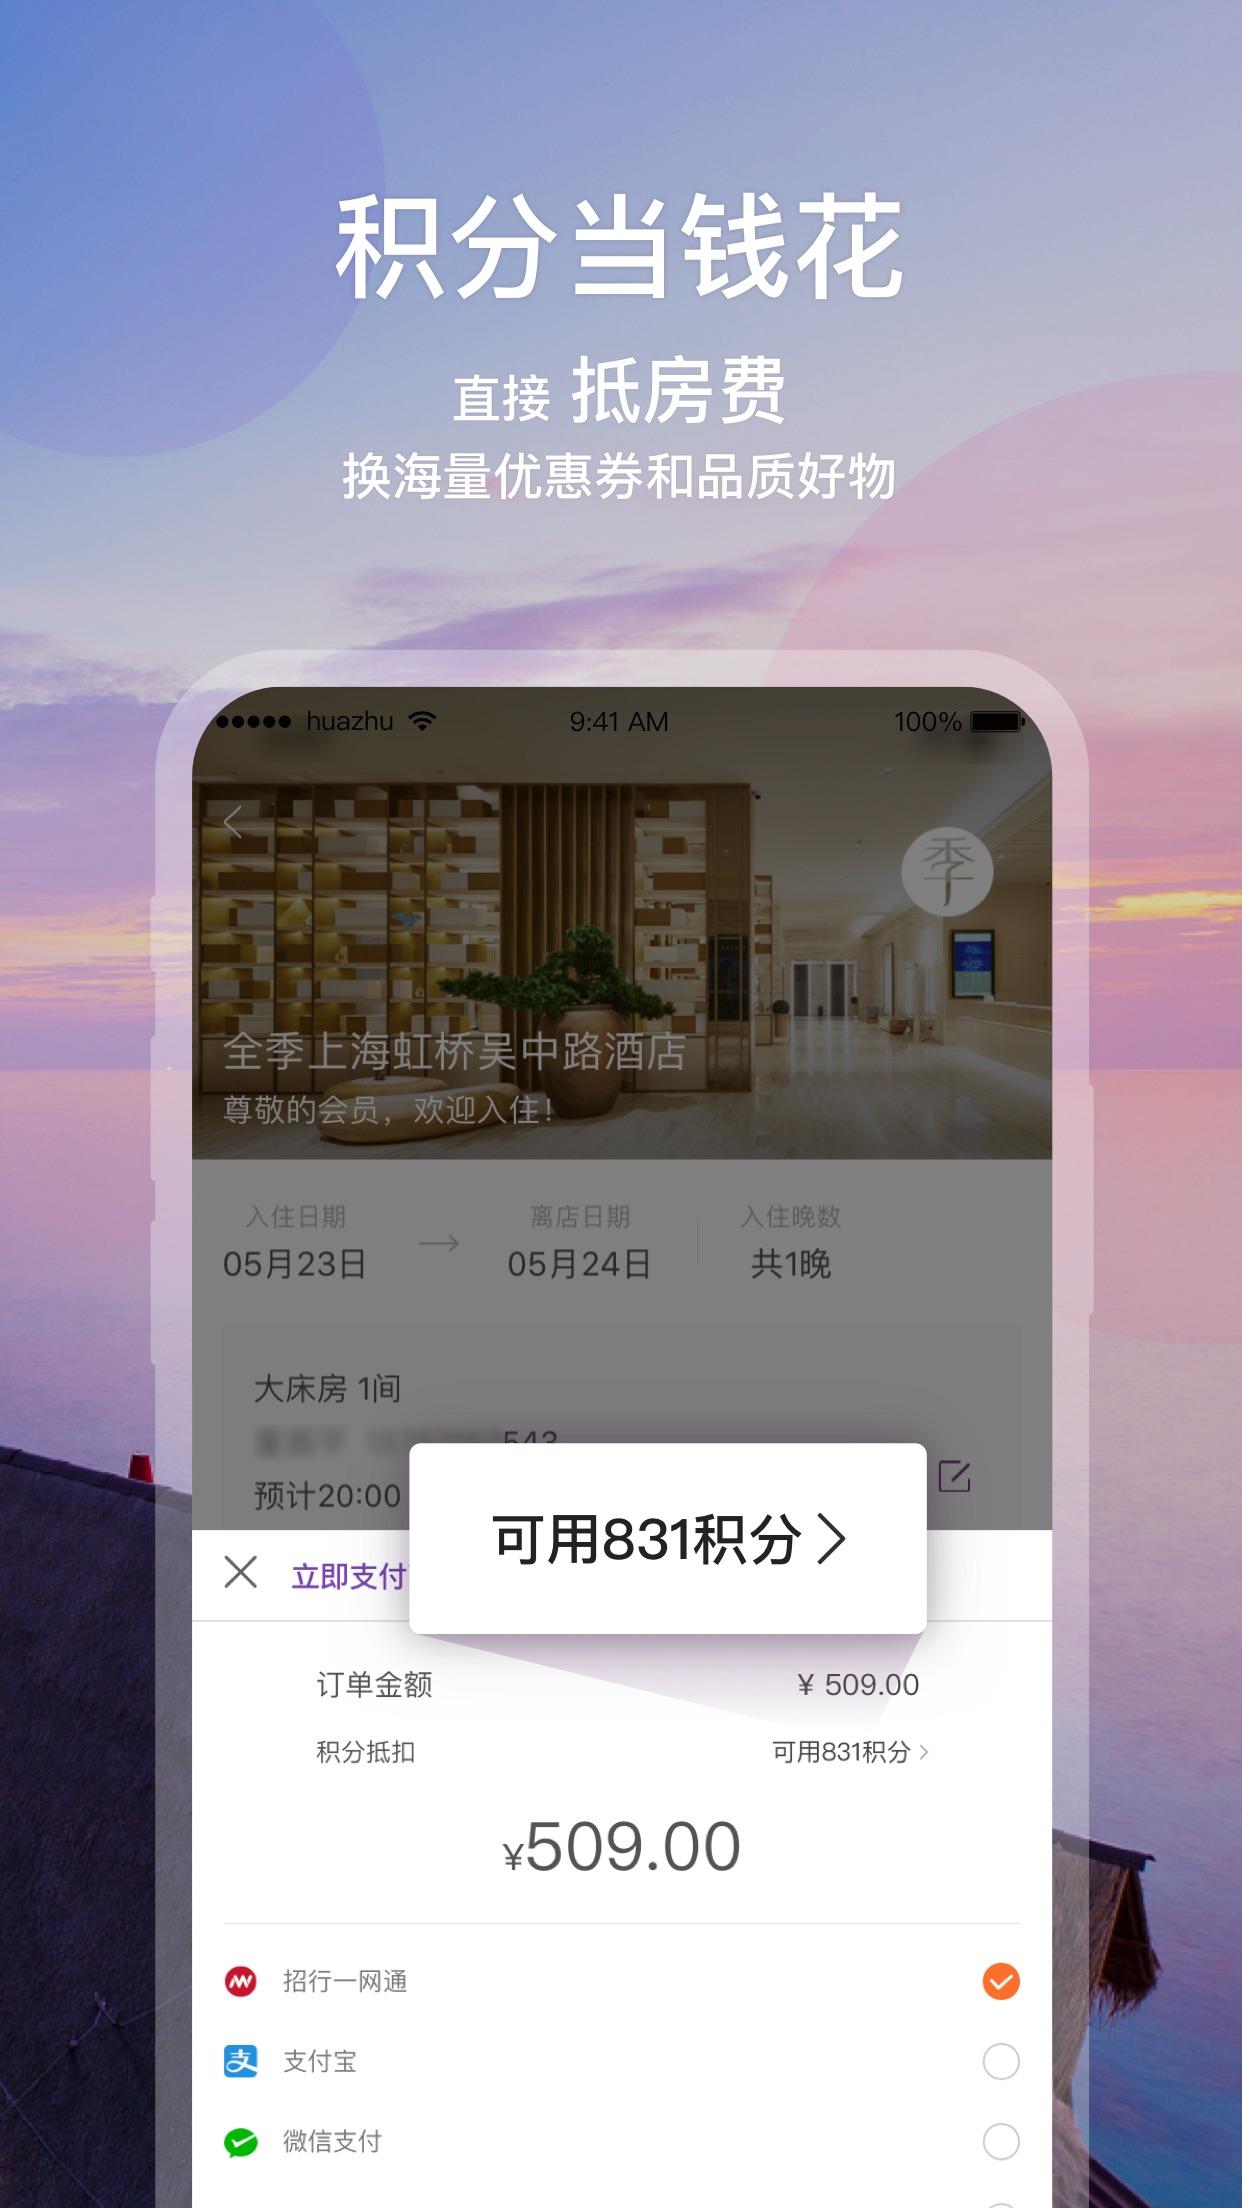 华住会—华住集团官方酒店预订平台 Screenshot